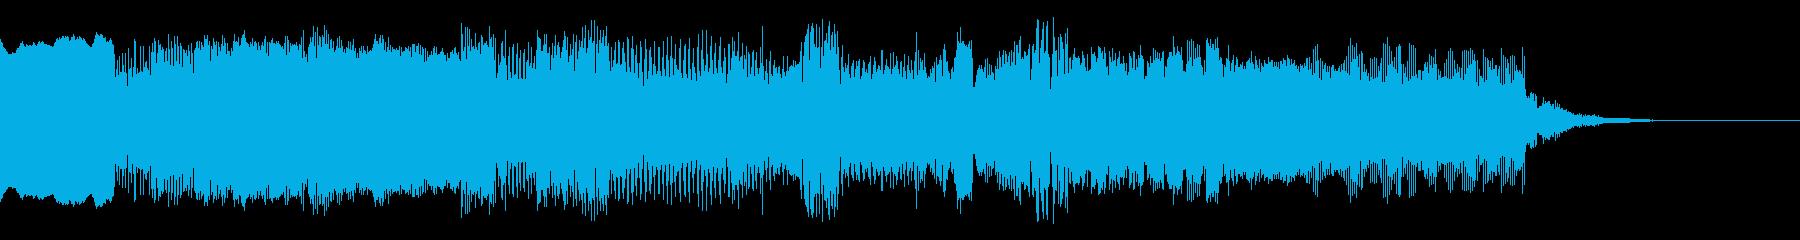 ファミコン風 エンディング系のジングルの再生済みの波形